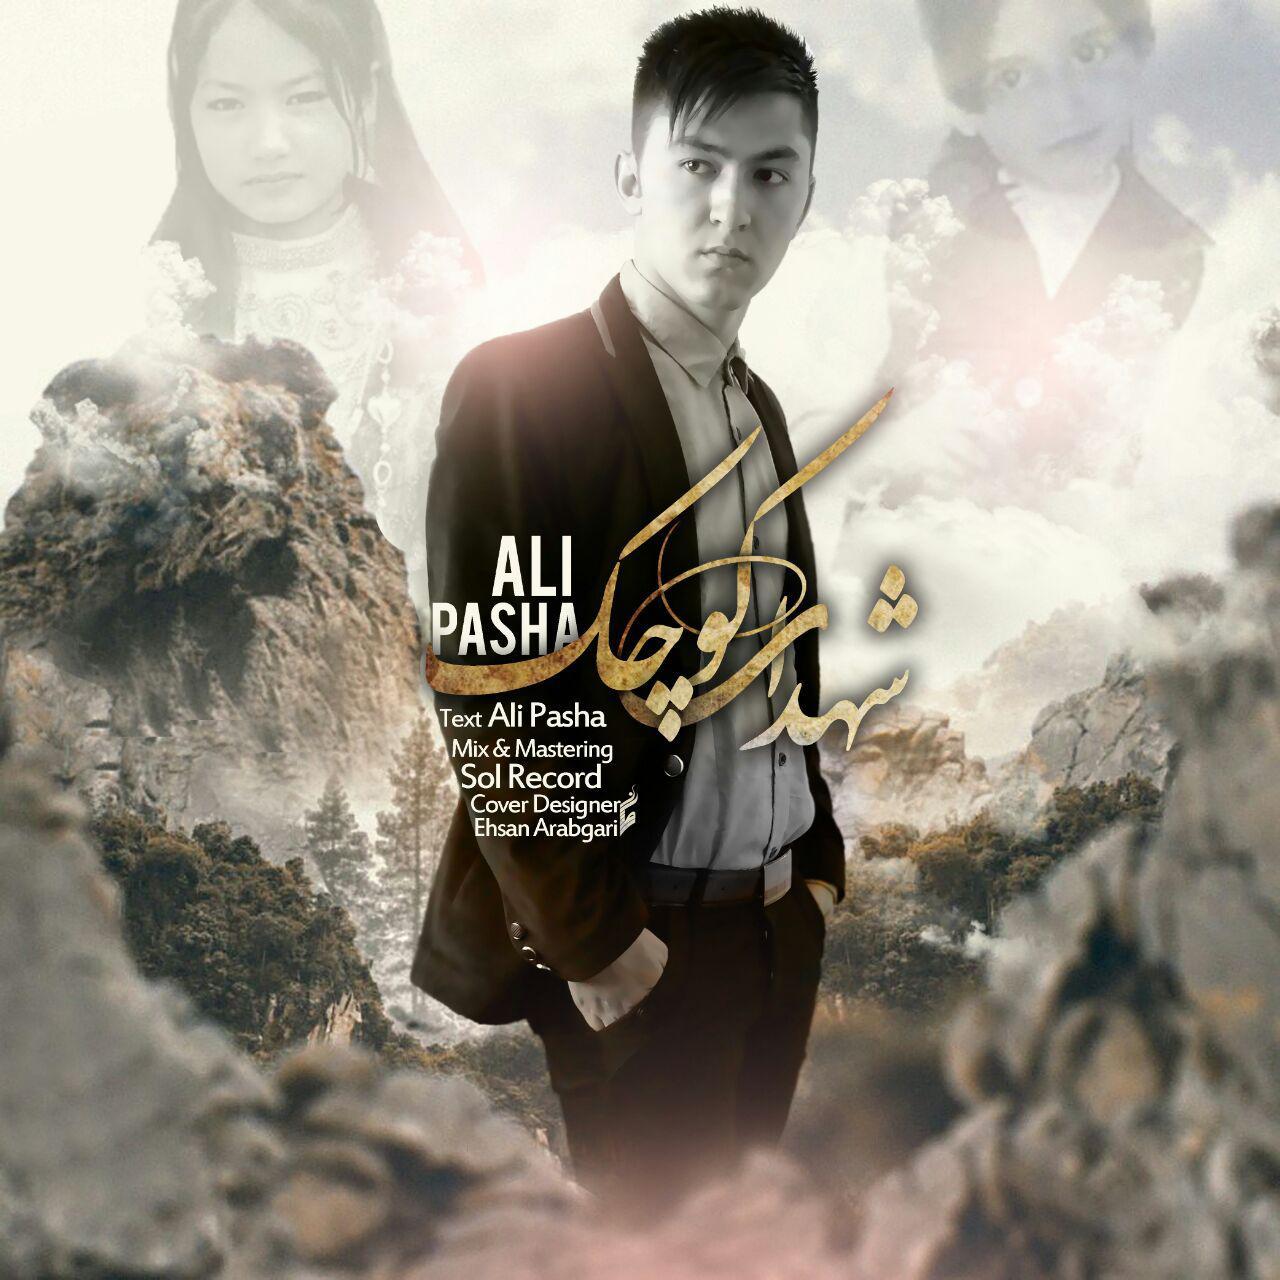 دانلود آهنگ جدید علی پاشا با نام شهدای کوچک